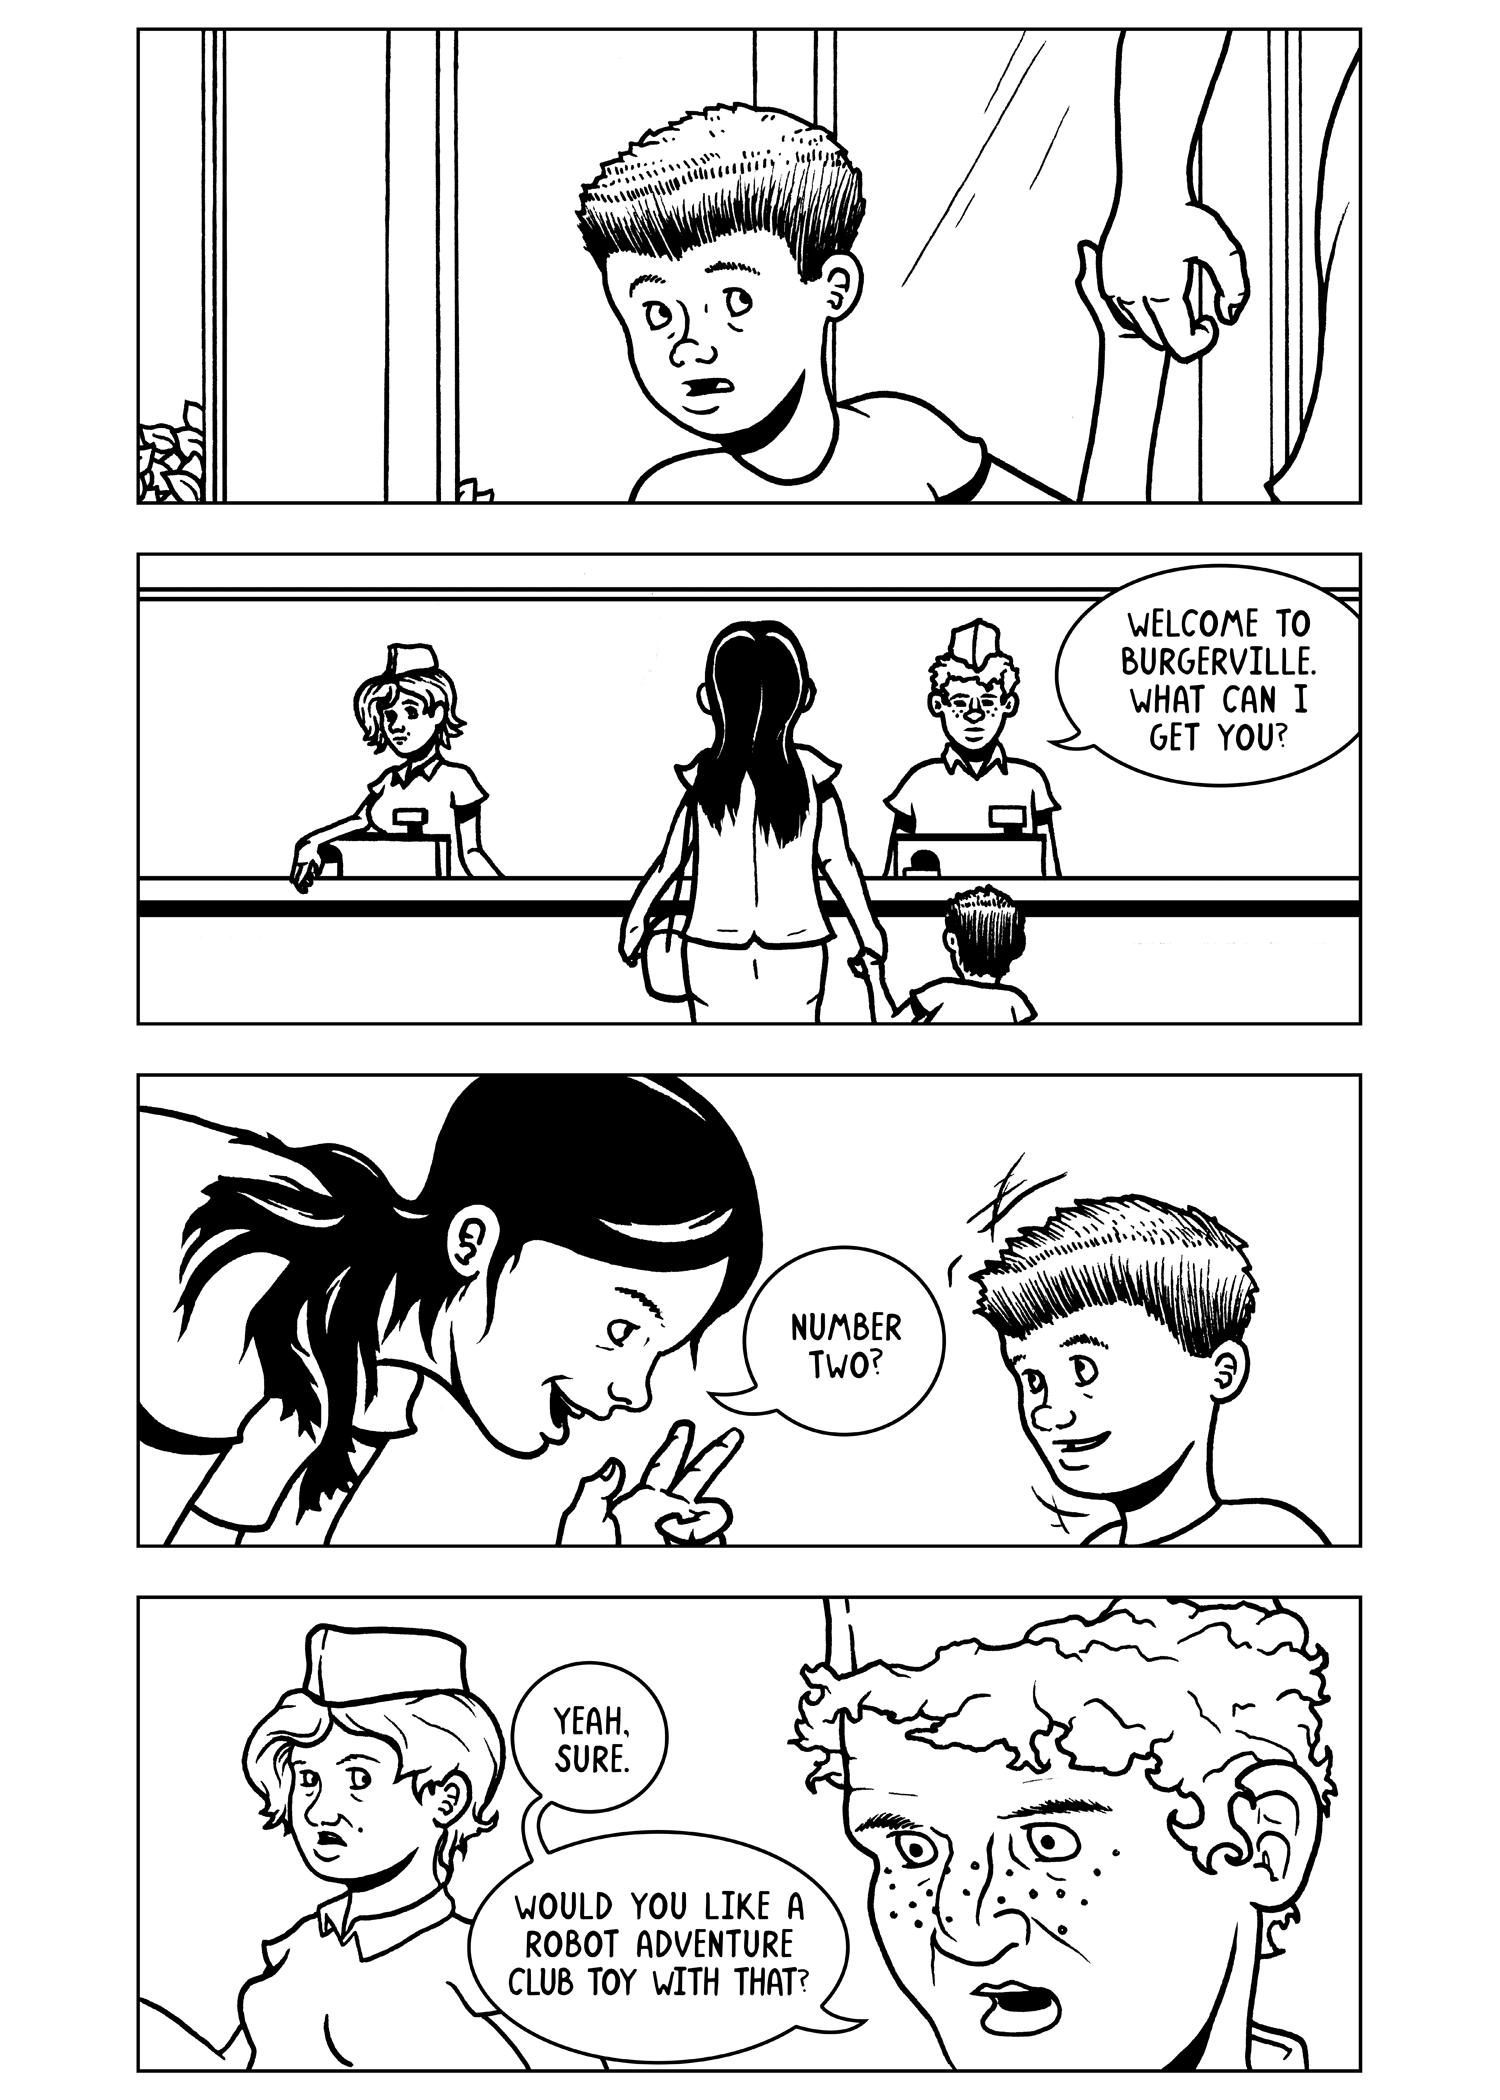 QWERTY_comic_06